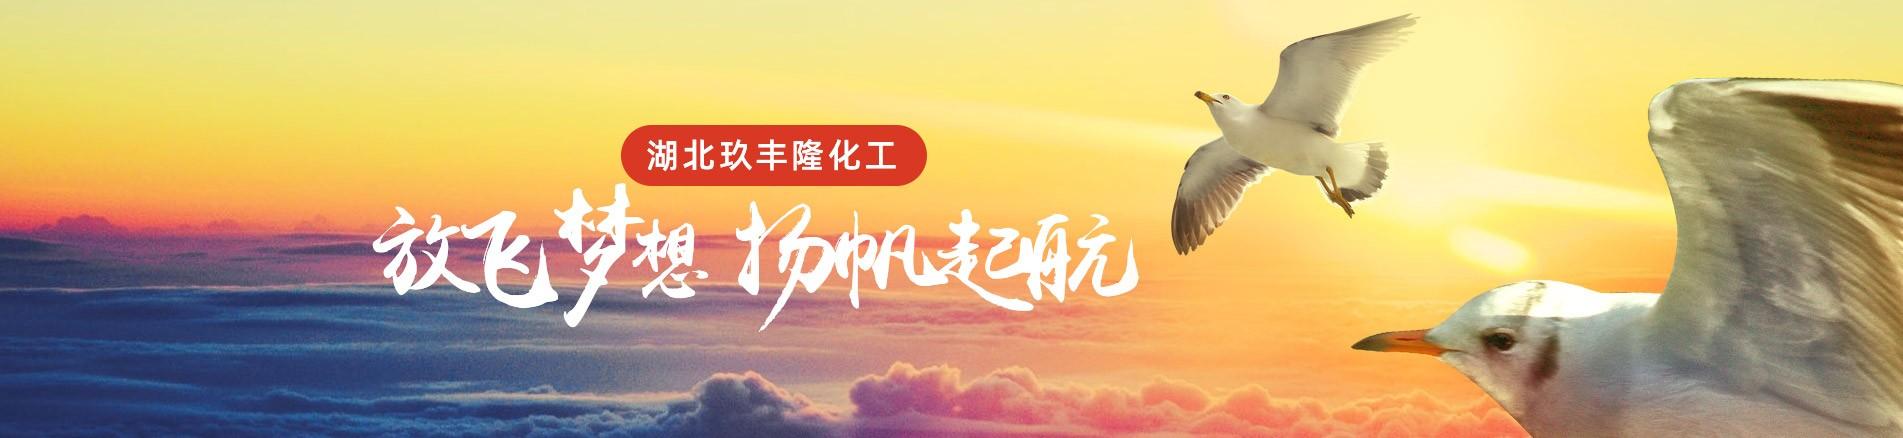 湖北玖丰隆化工有限公司